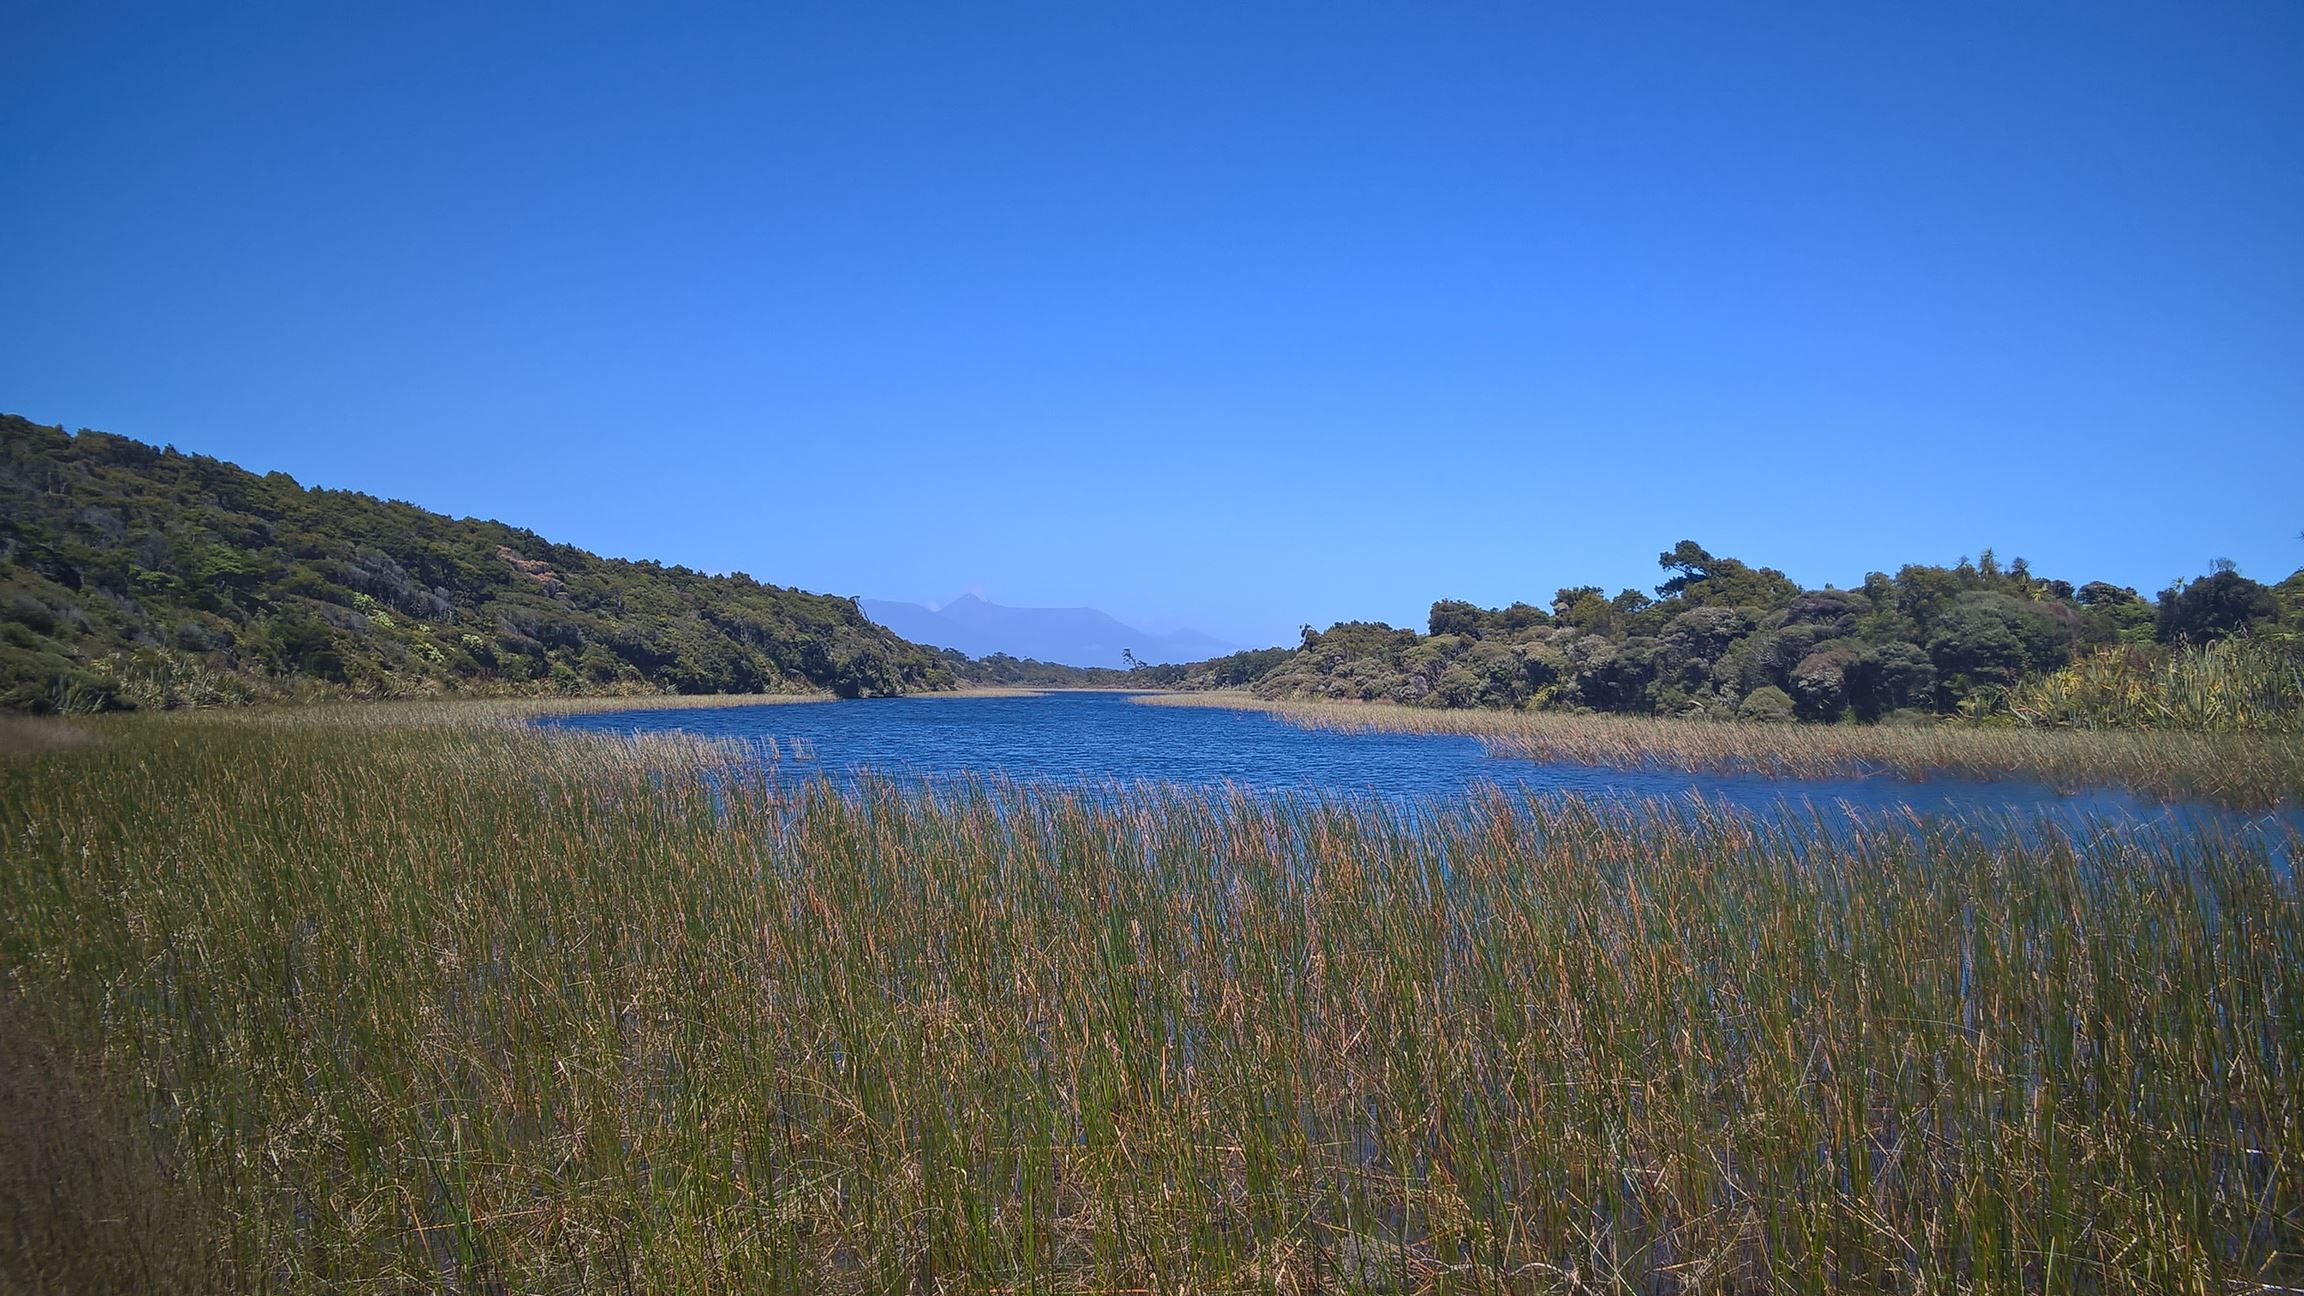 Auf einmal habe ich einen See entdeckt